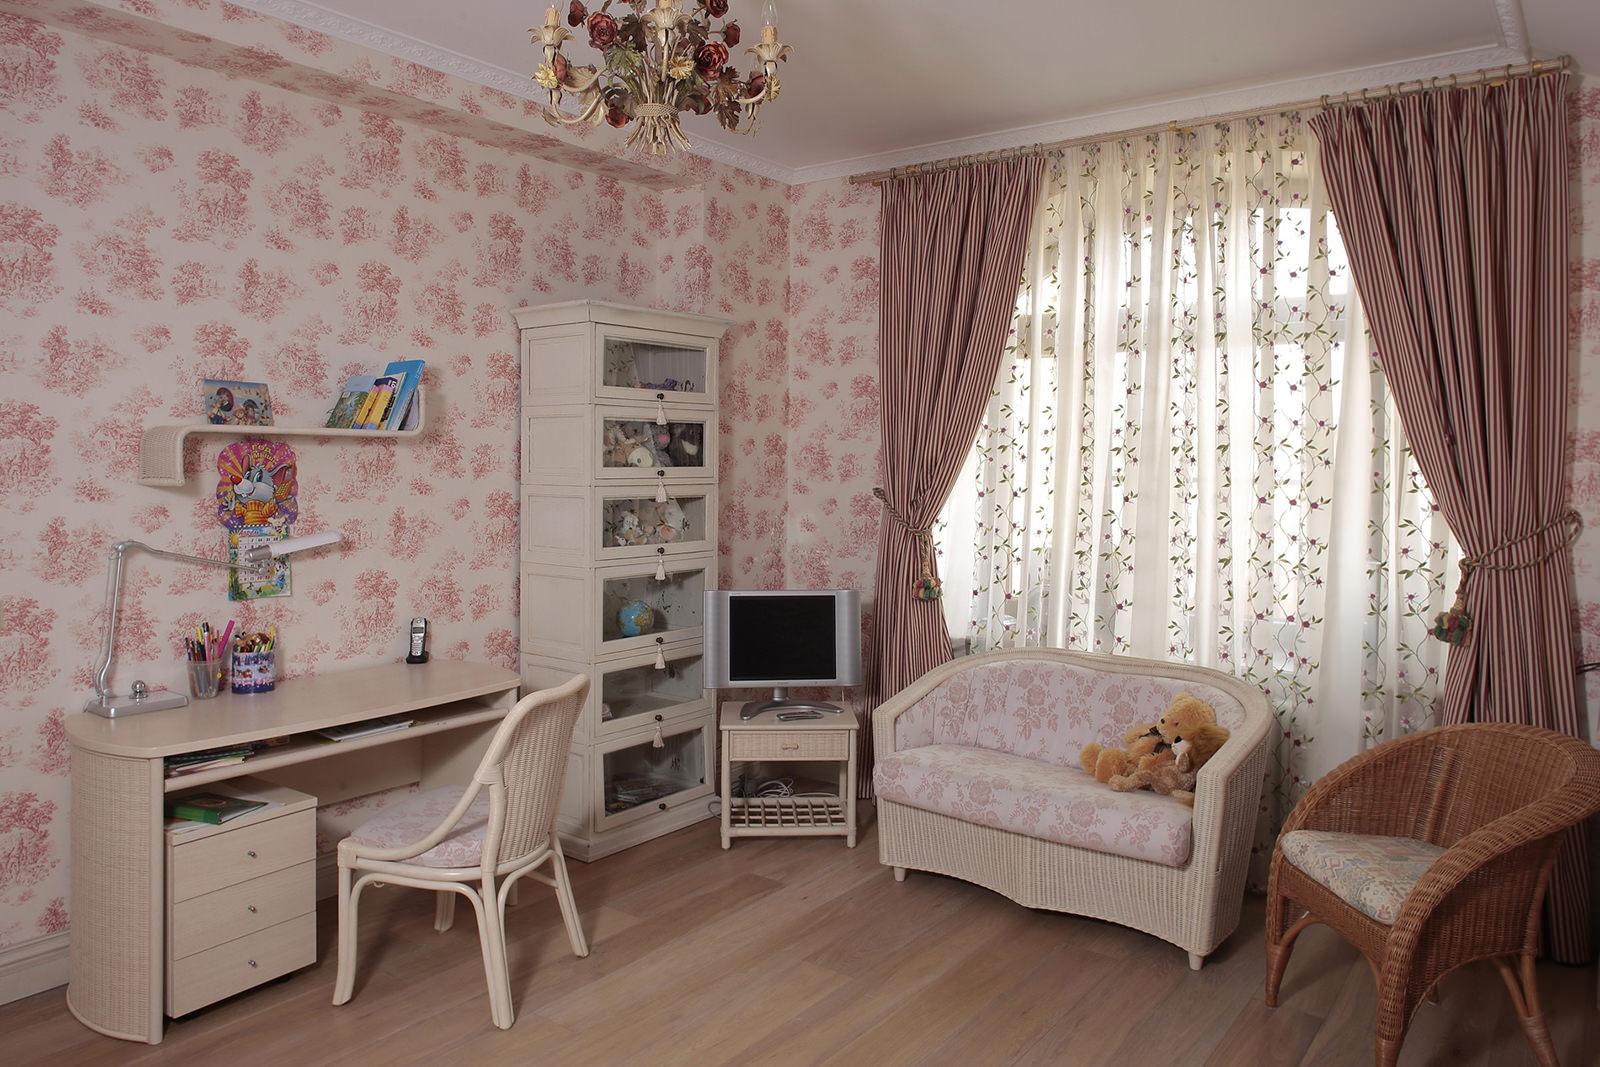 Детская комната в стиле прованс с плетеной мебелью